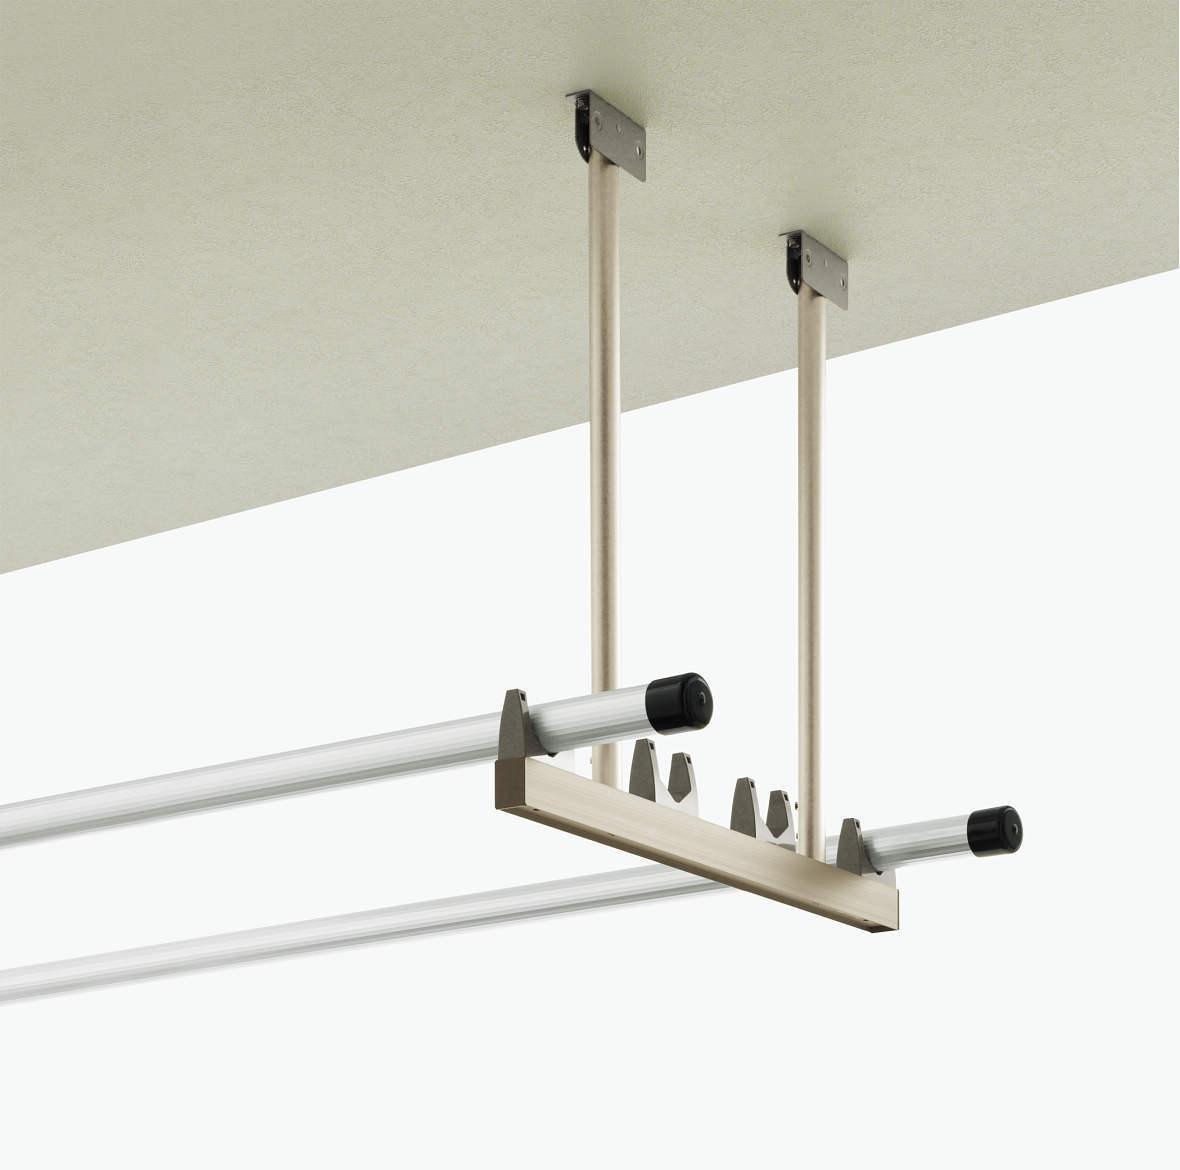 固定物干し 吊り下げ式 2本1組 標準タイプ